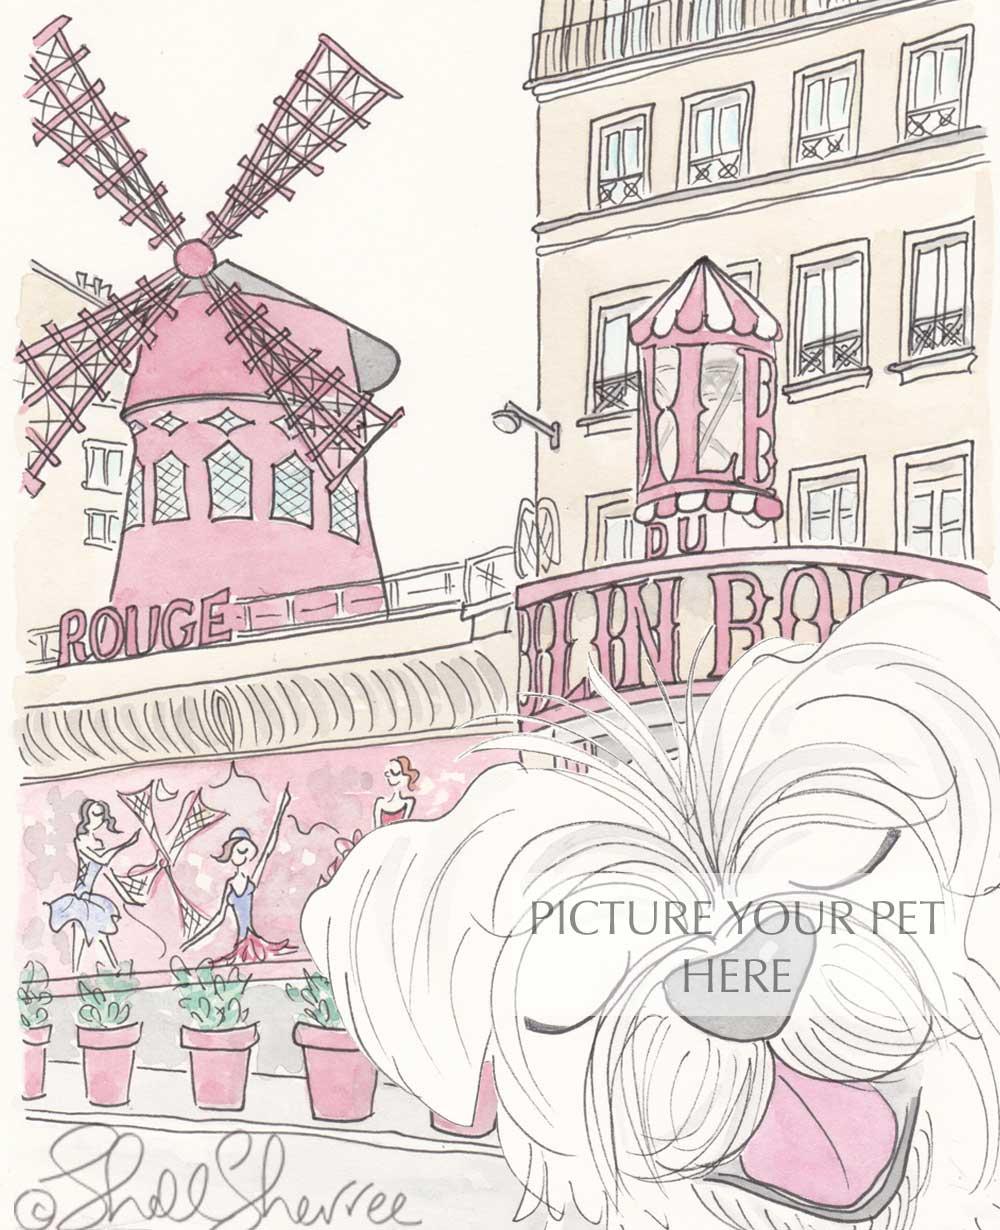 Image of Pet Portrait with Moulin Rouge Paris Setting